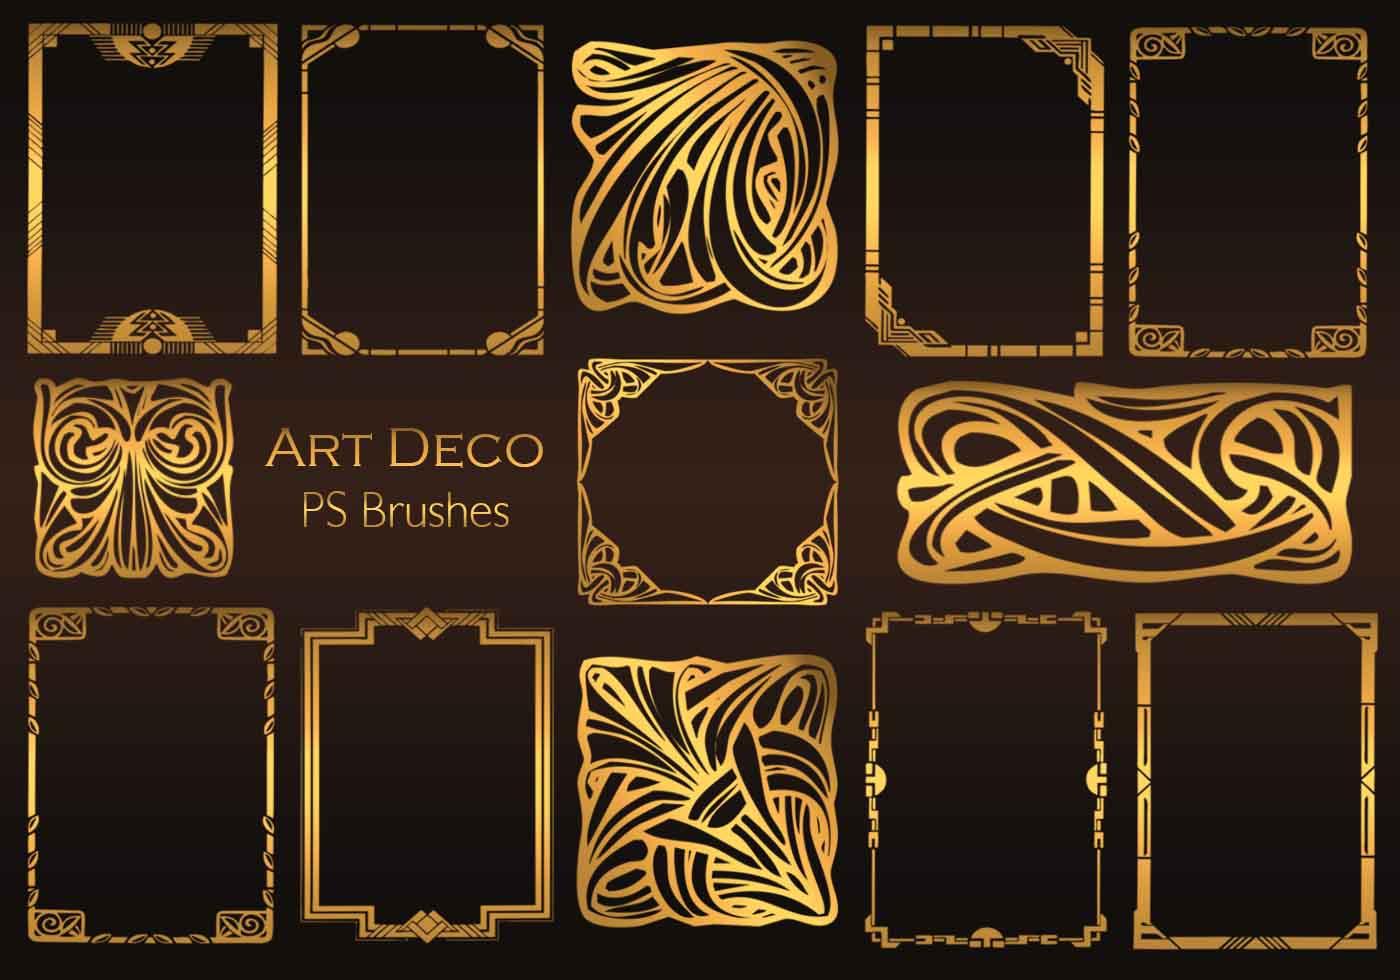 Art Deco: 20 Art Deco PS Brushes.abr Vol.1